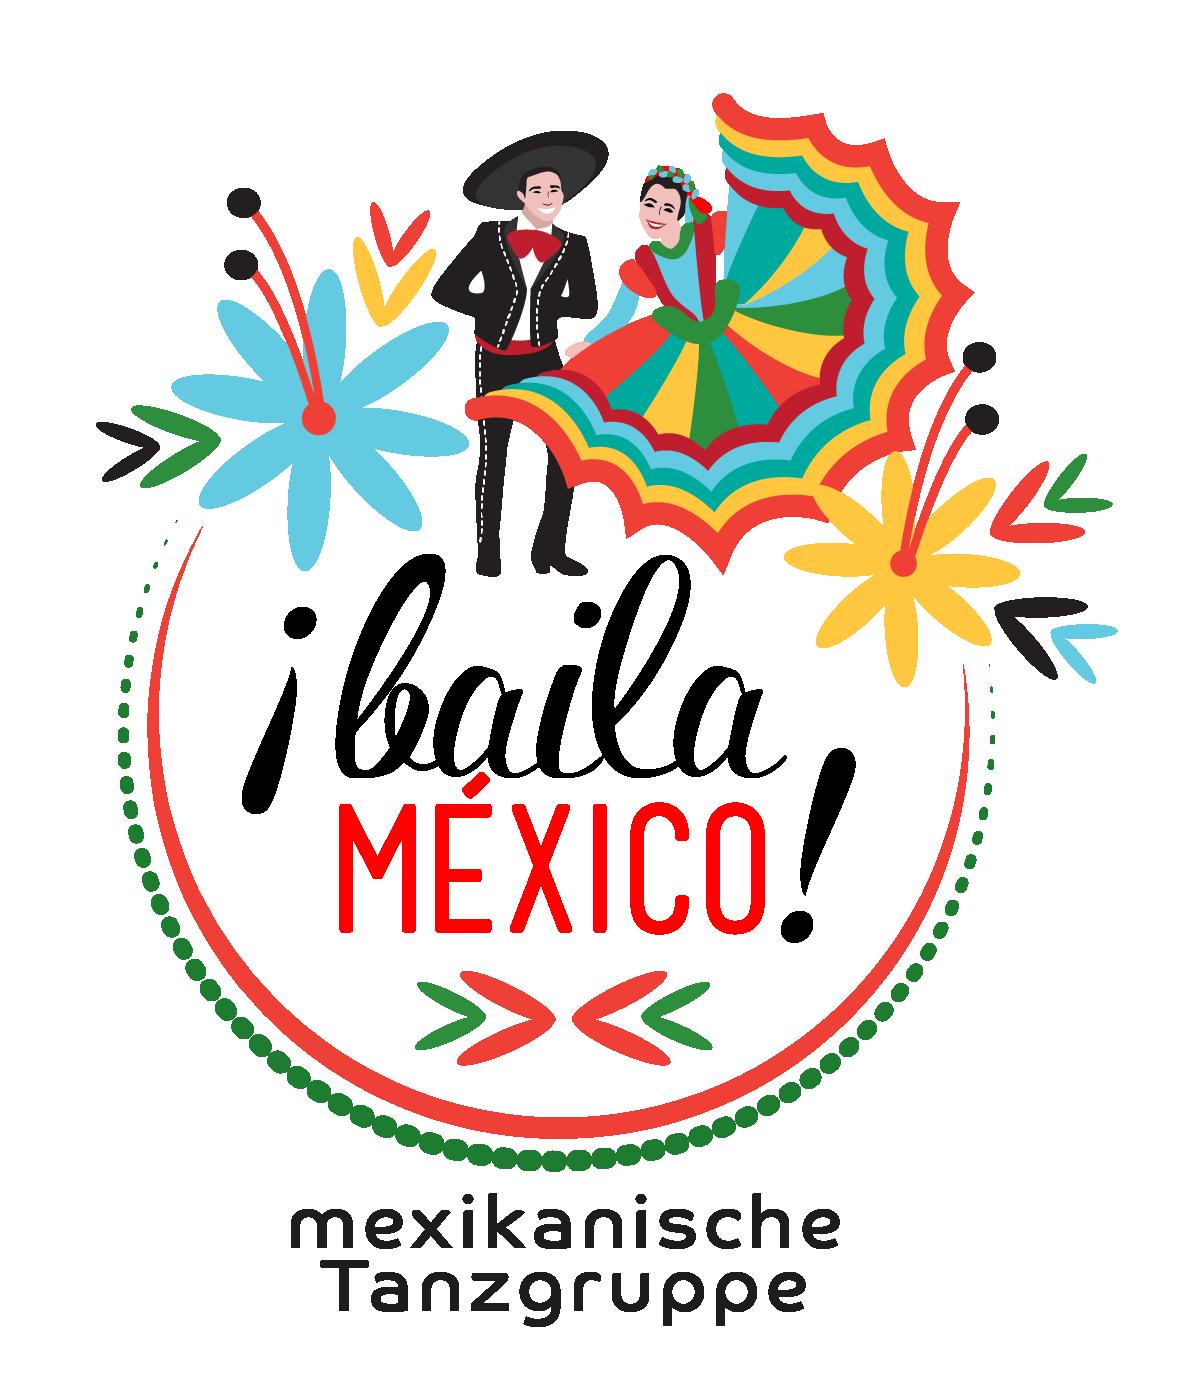 baila-mexico-logo-01